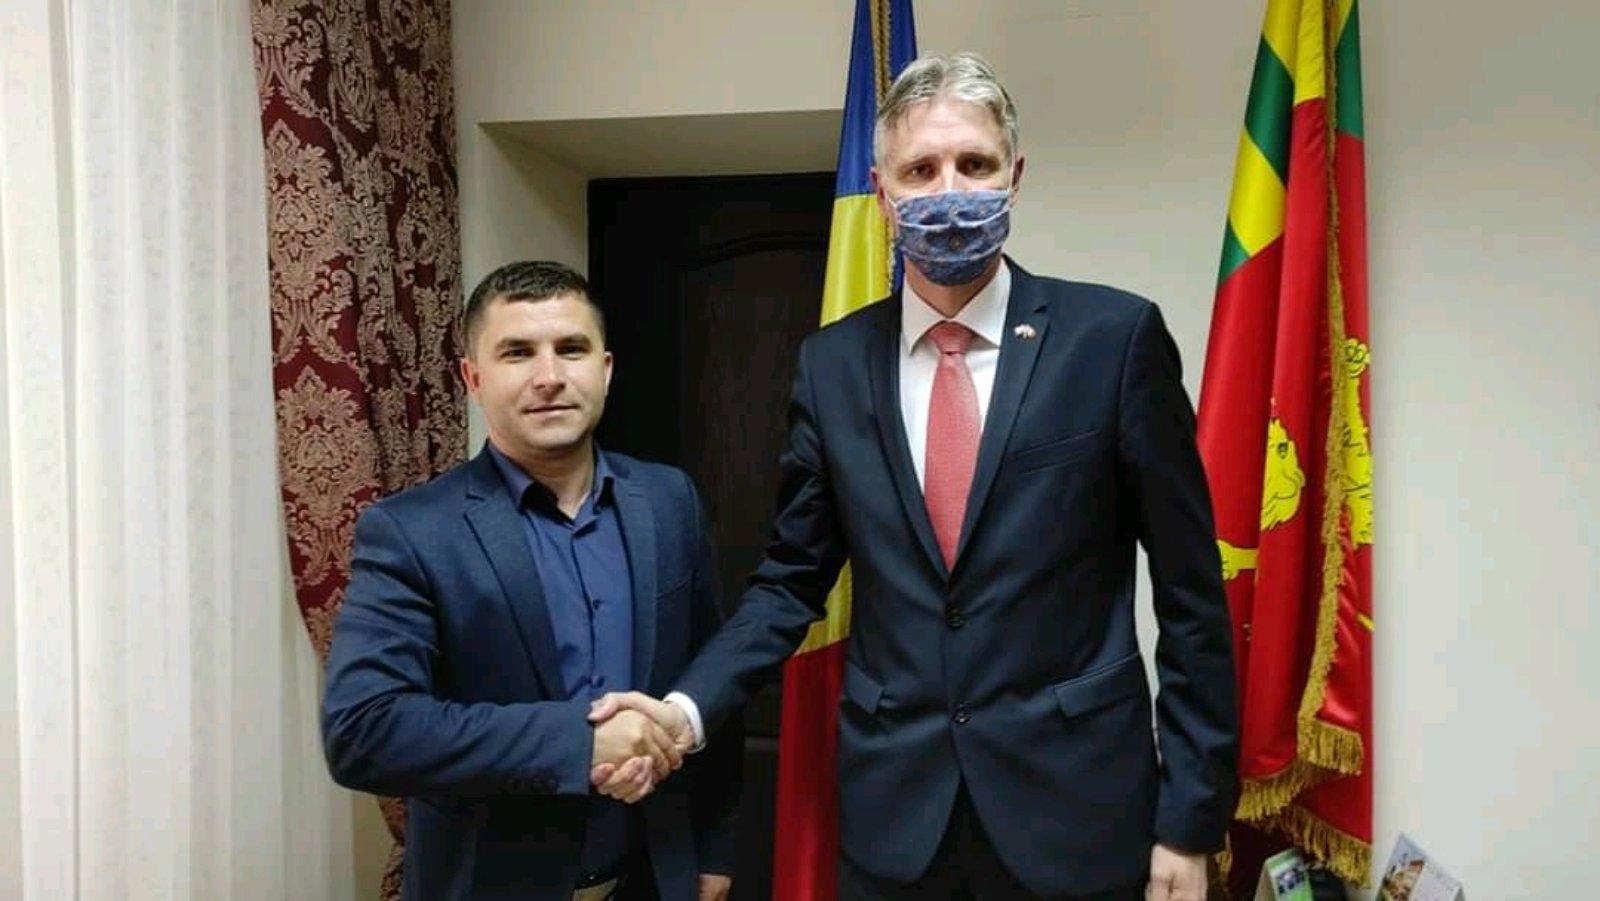 Посол Латвии посетил район Басарабяска. июнь 2021